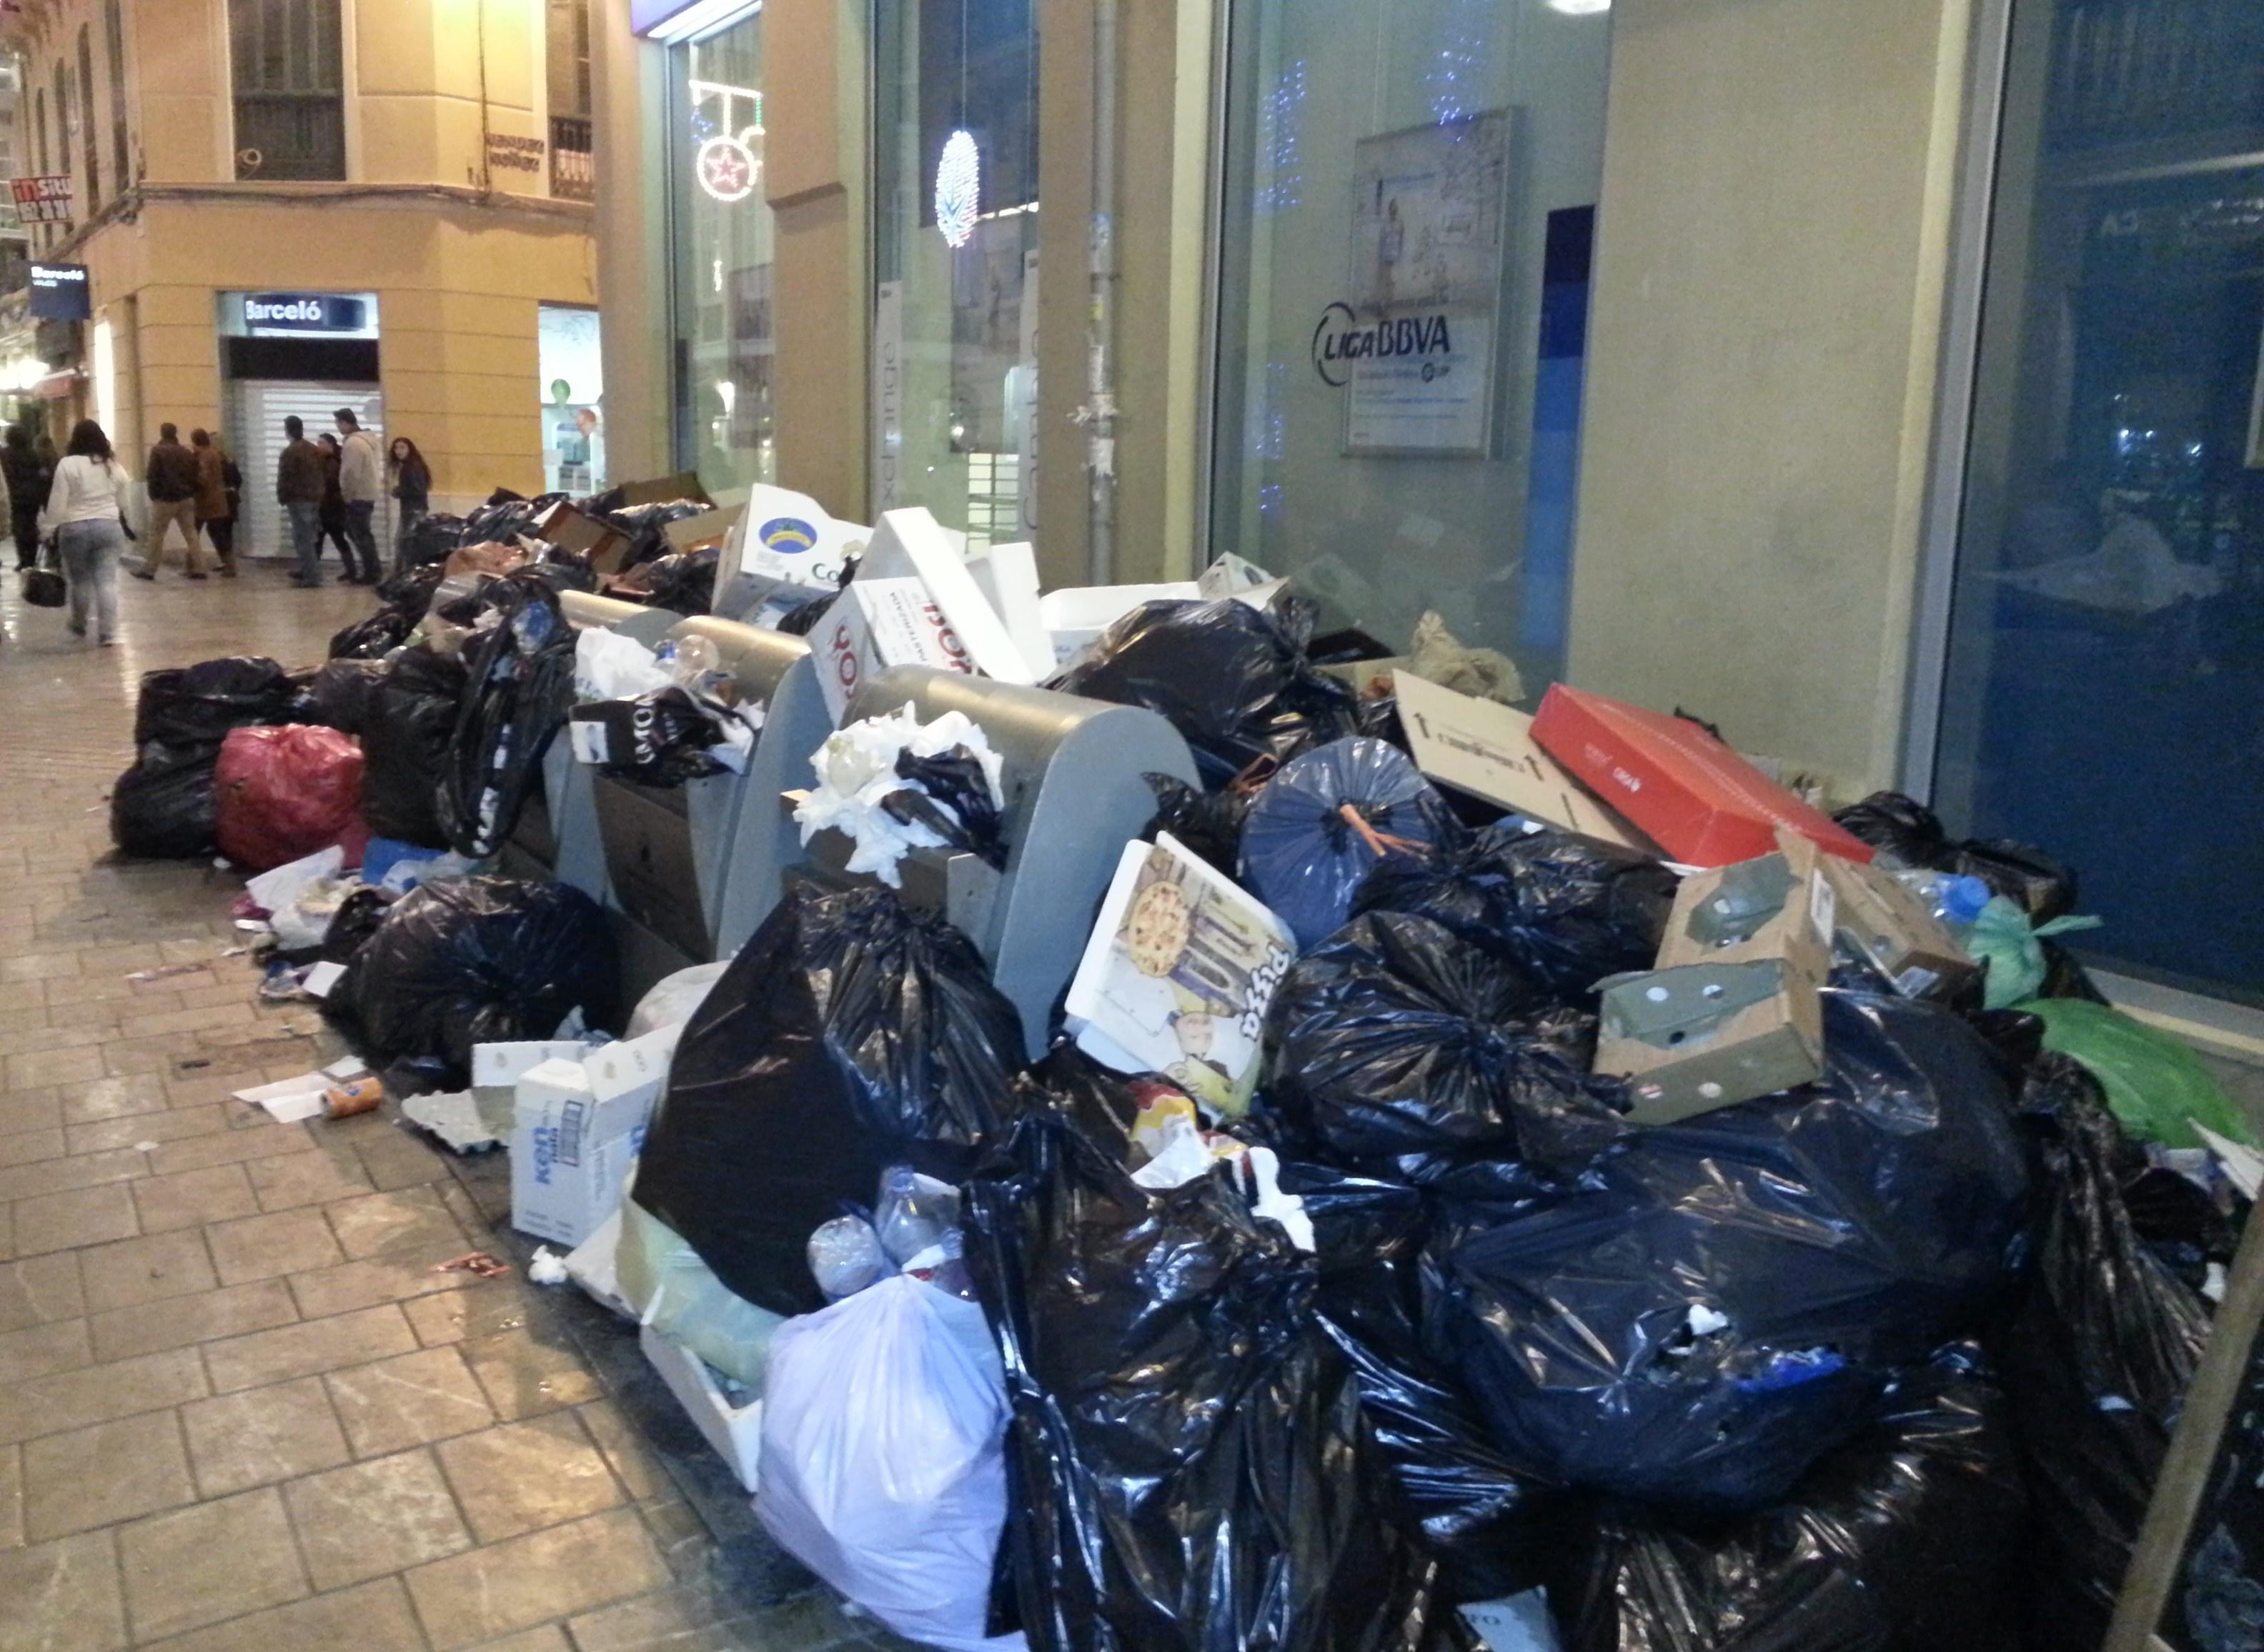 Hosteleros ven «fantástico» el acuerdo en Limasa y piden un plan de choque para recoger la basura